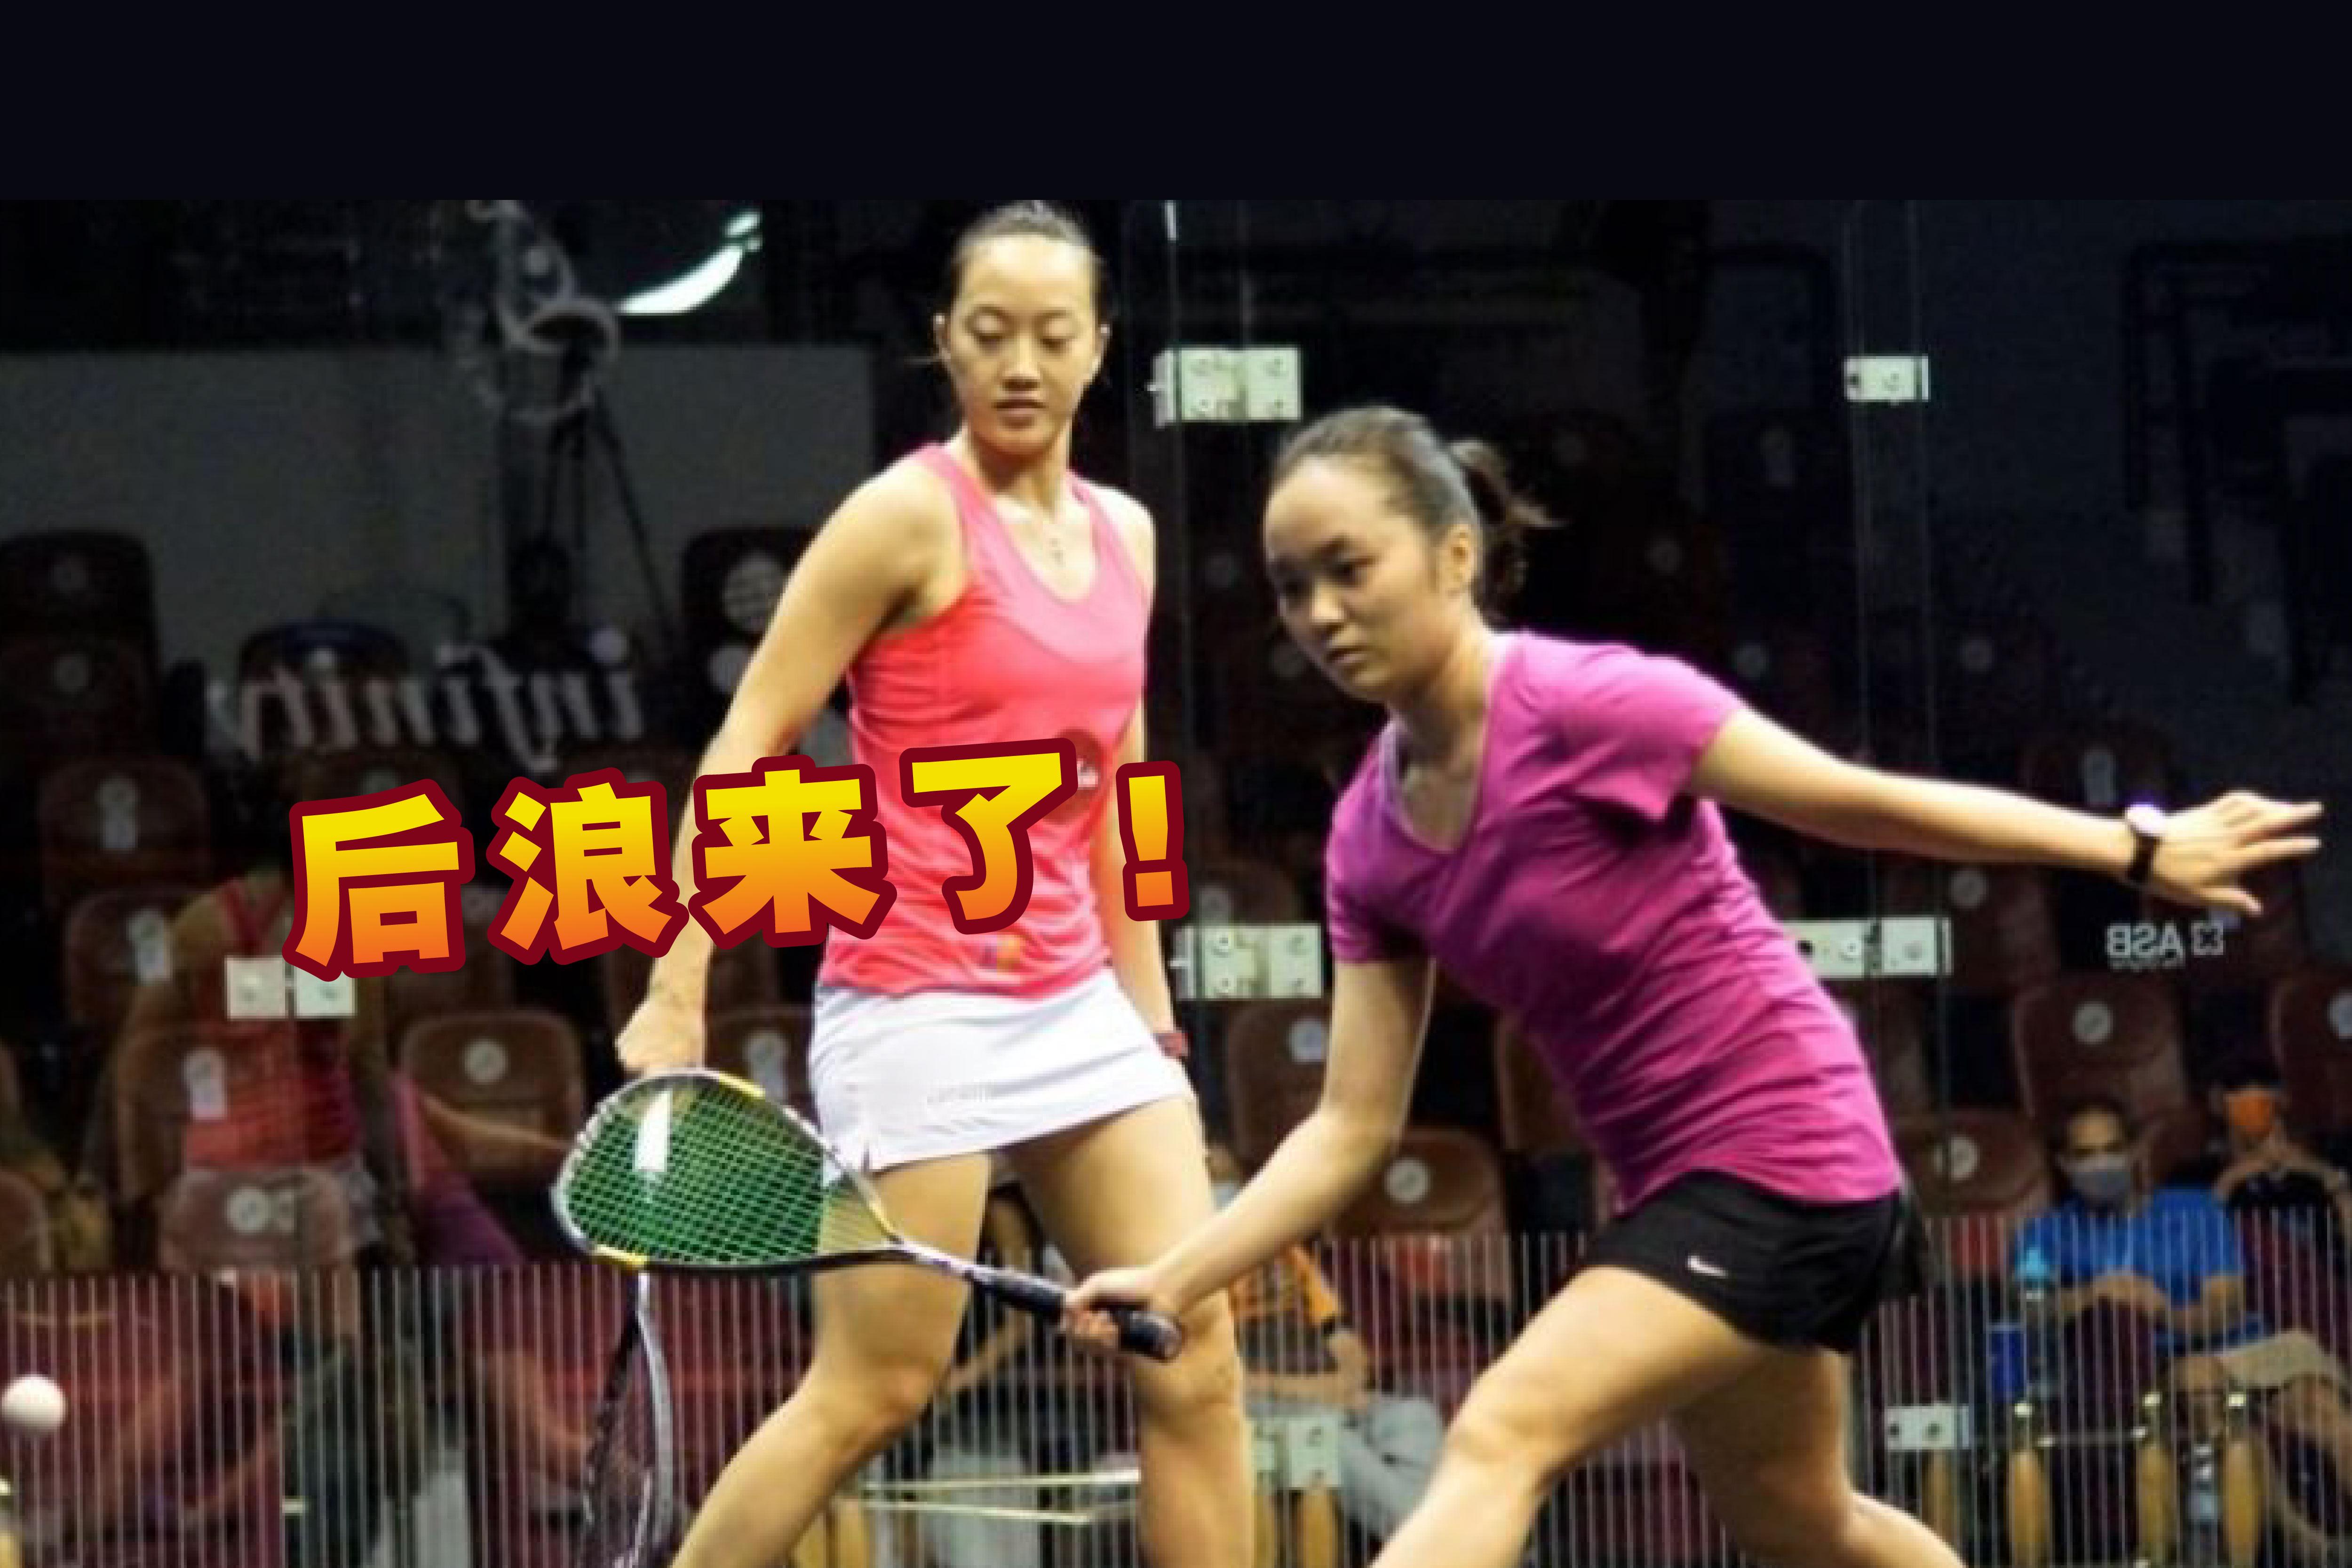 黄嘉恩(右)意外挫下大马壁球一姐刘薇雯挺进决赛。-摘自squashsite/精彩大马制图-